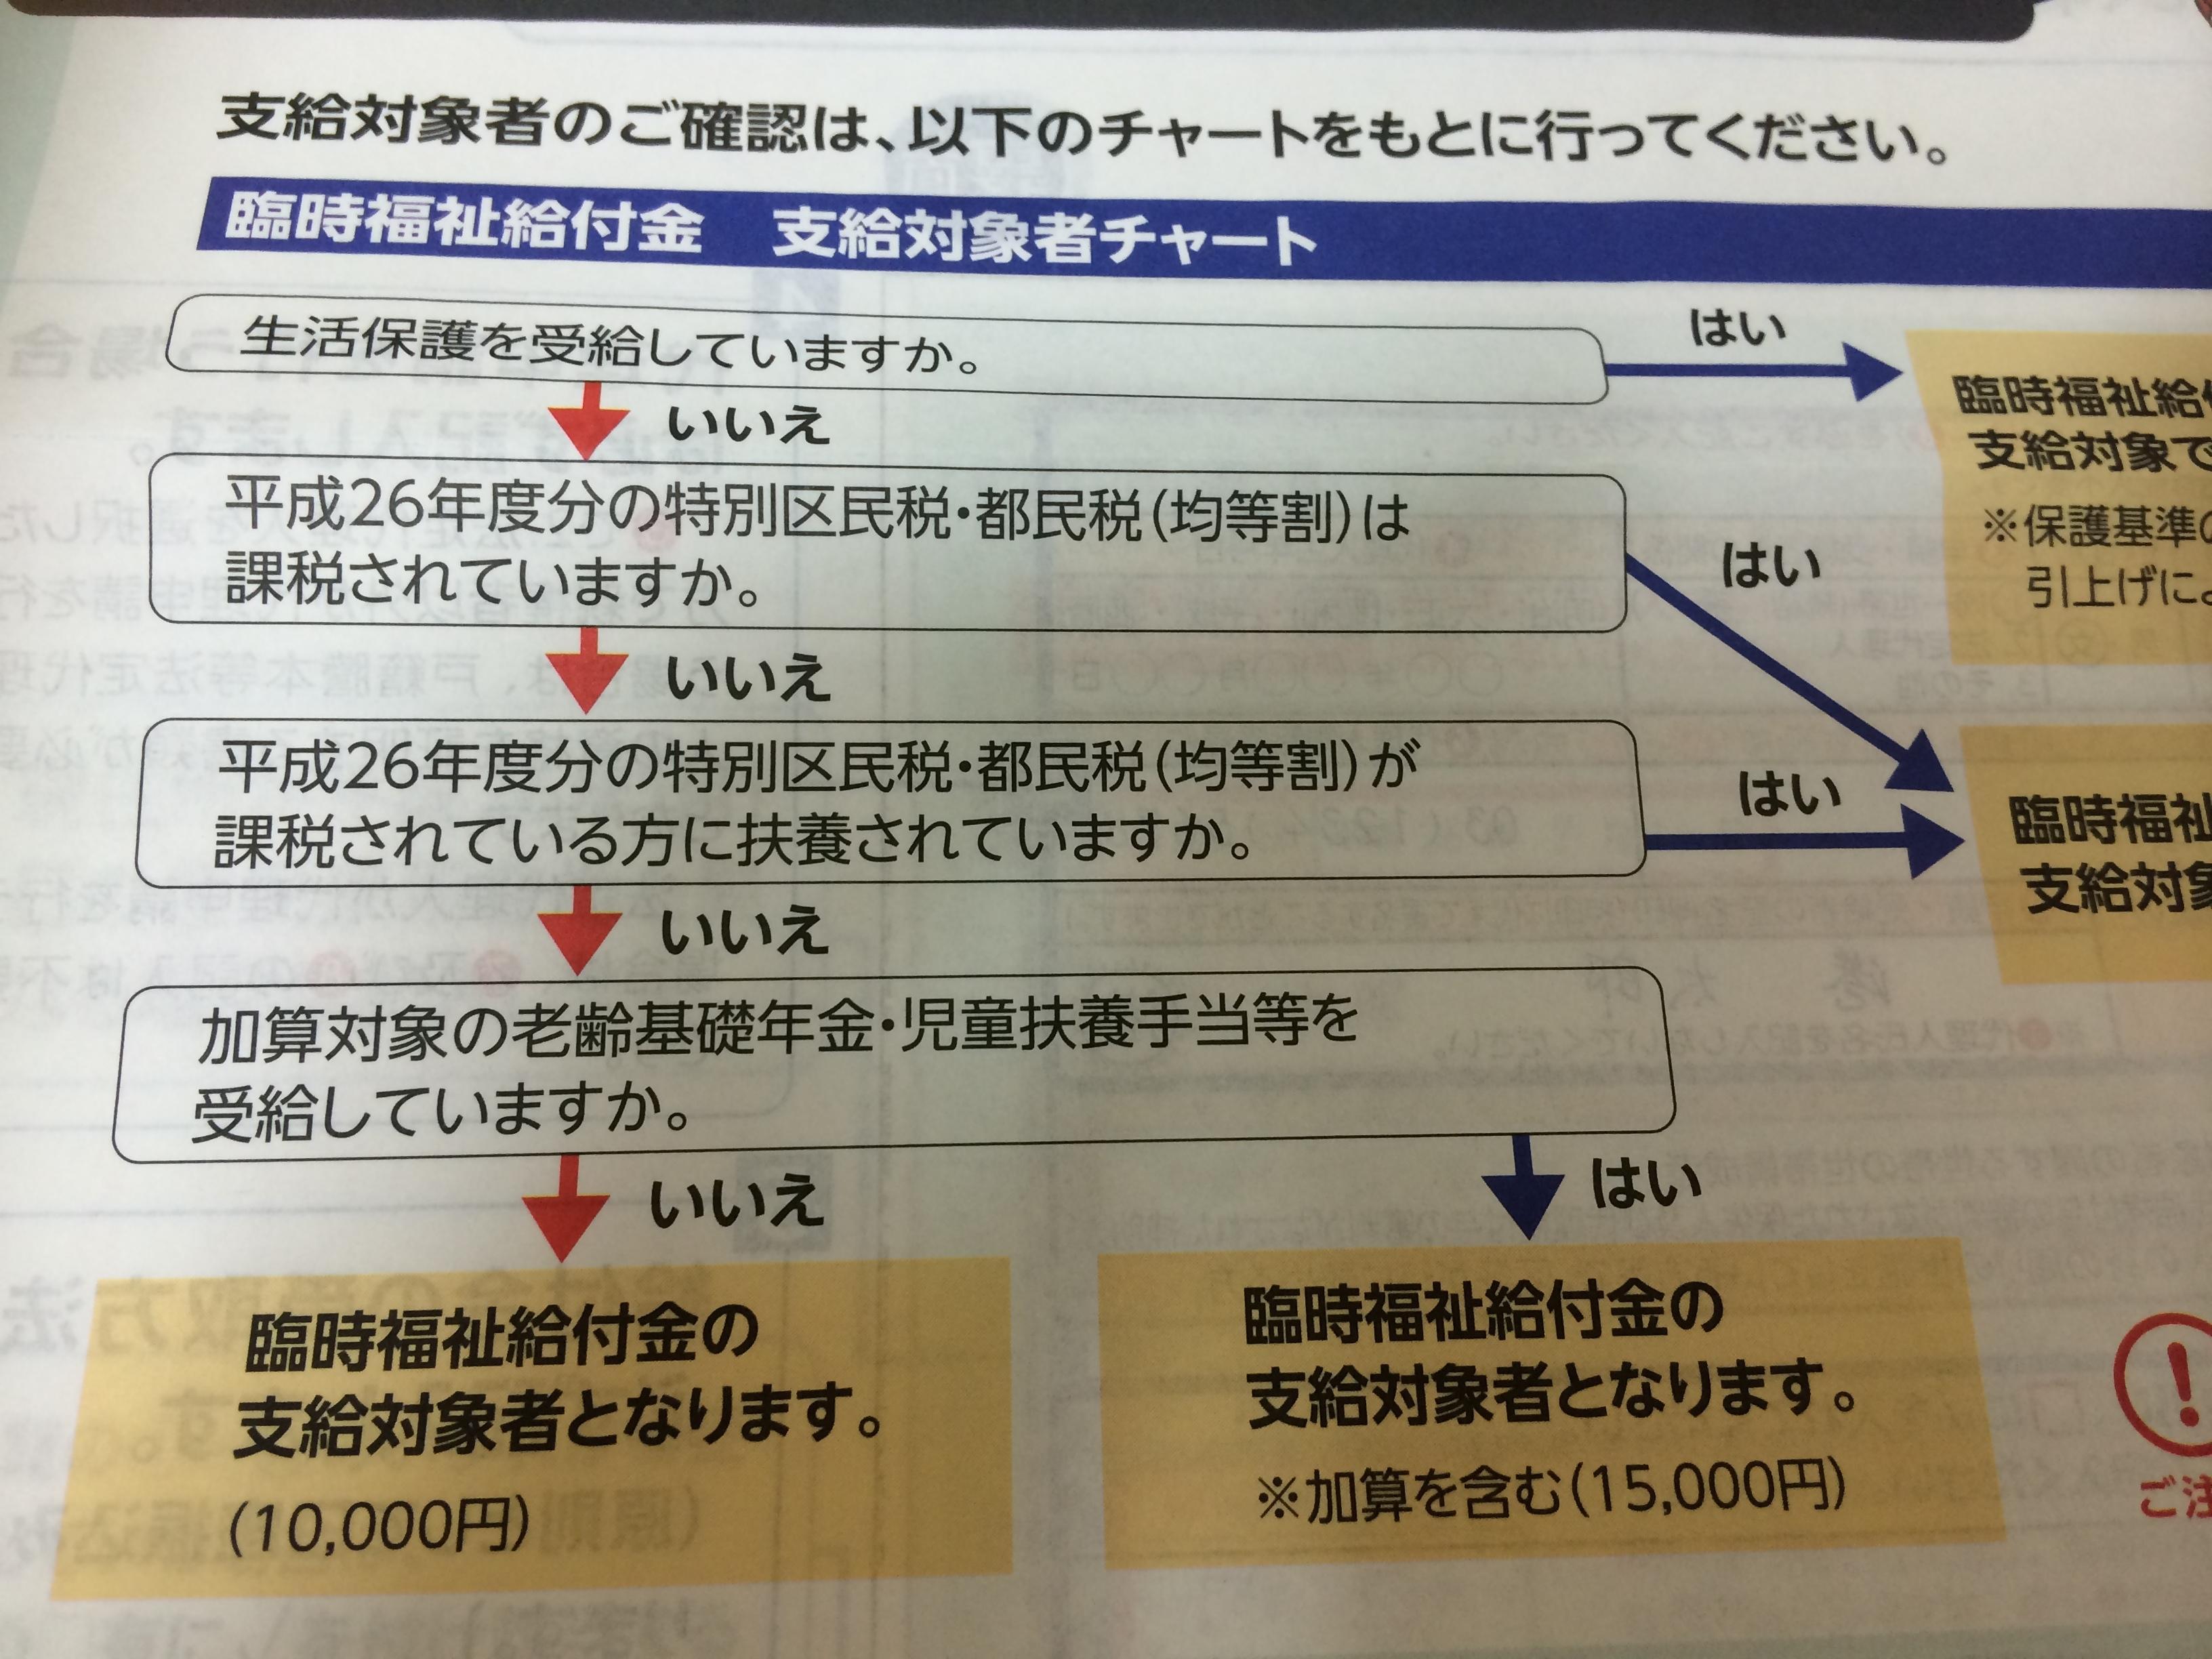 跟屁股后面要塞给你10000日元的政府好烦——谈谈日本的福利政策